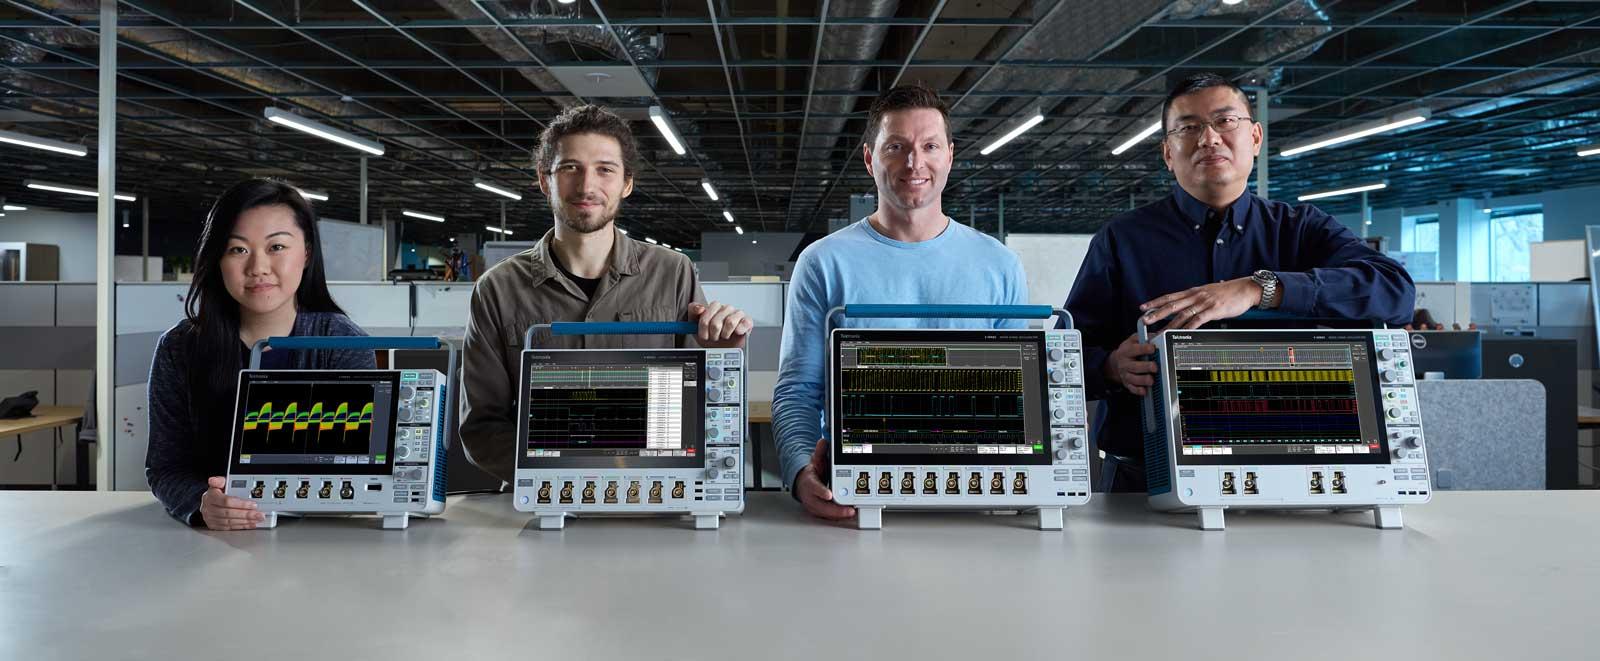 tek oscilloscope family